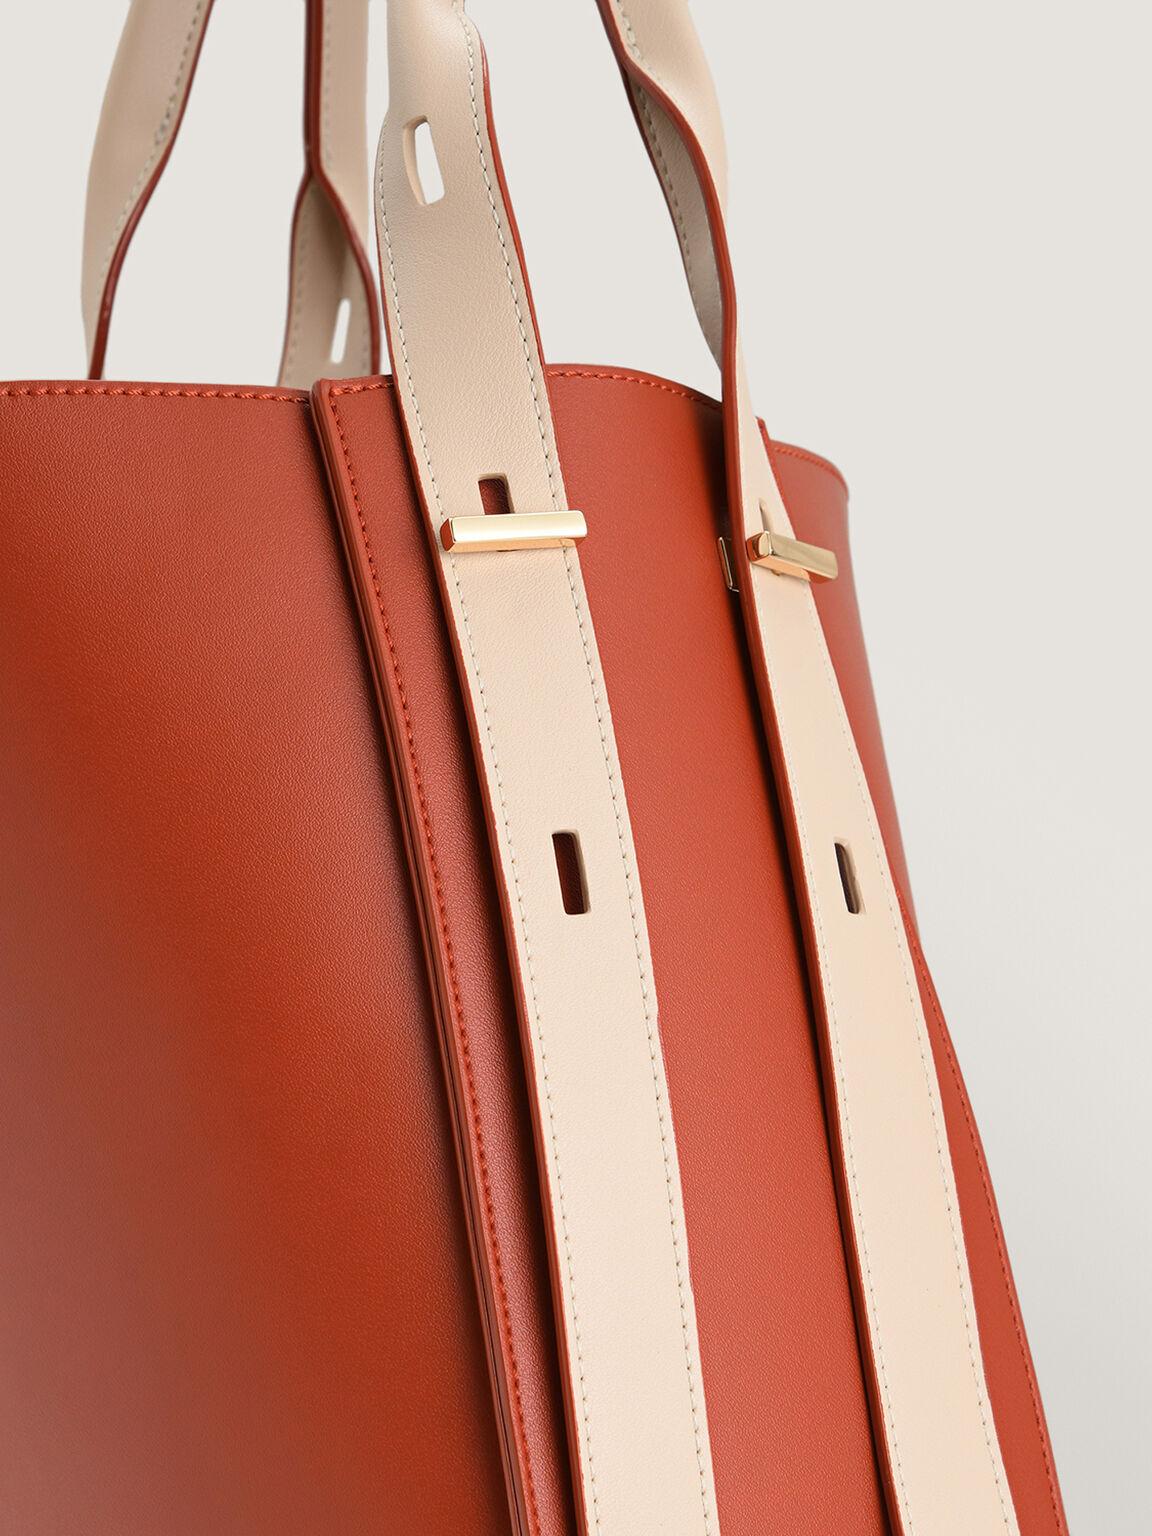 Duo-Carry Hobo Bag, Brick, hi-res